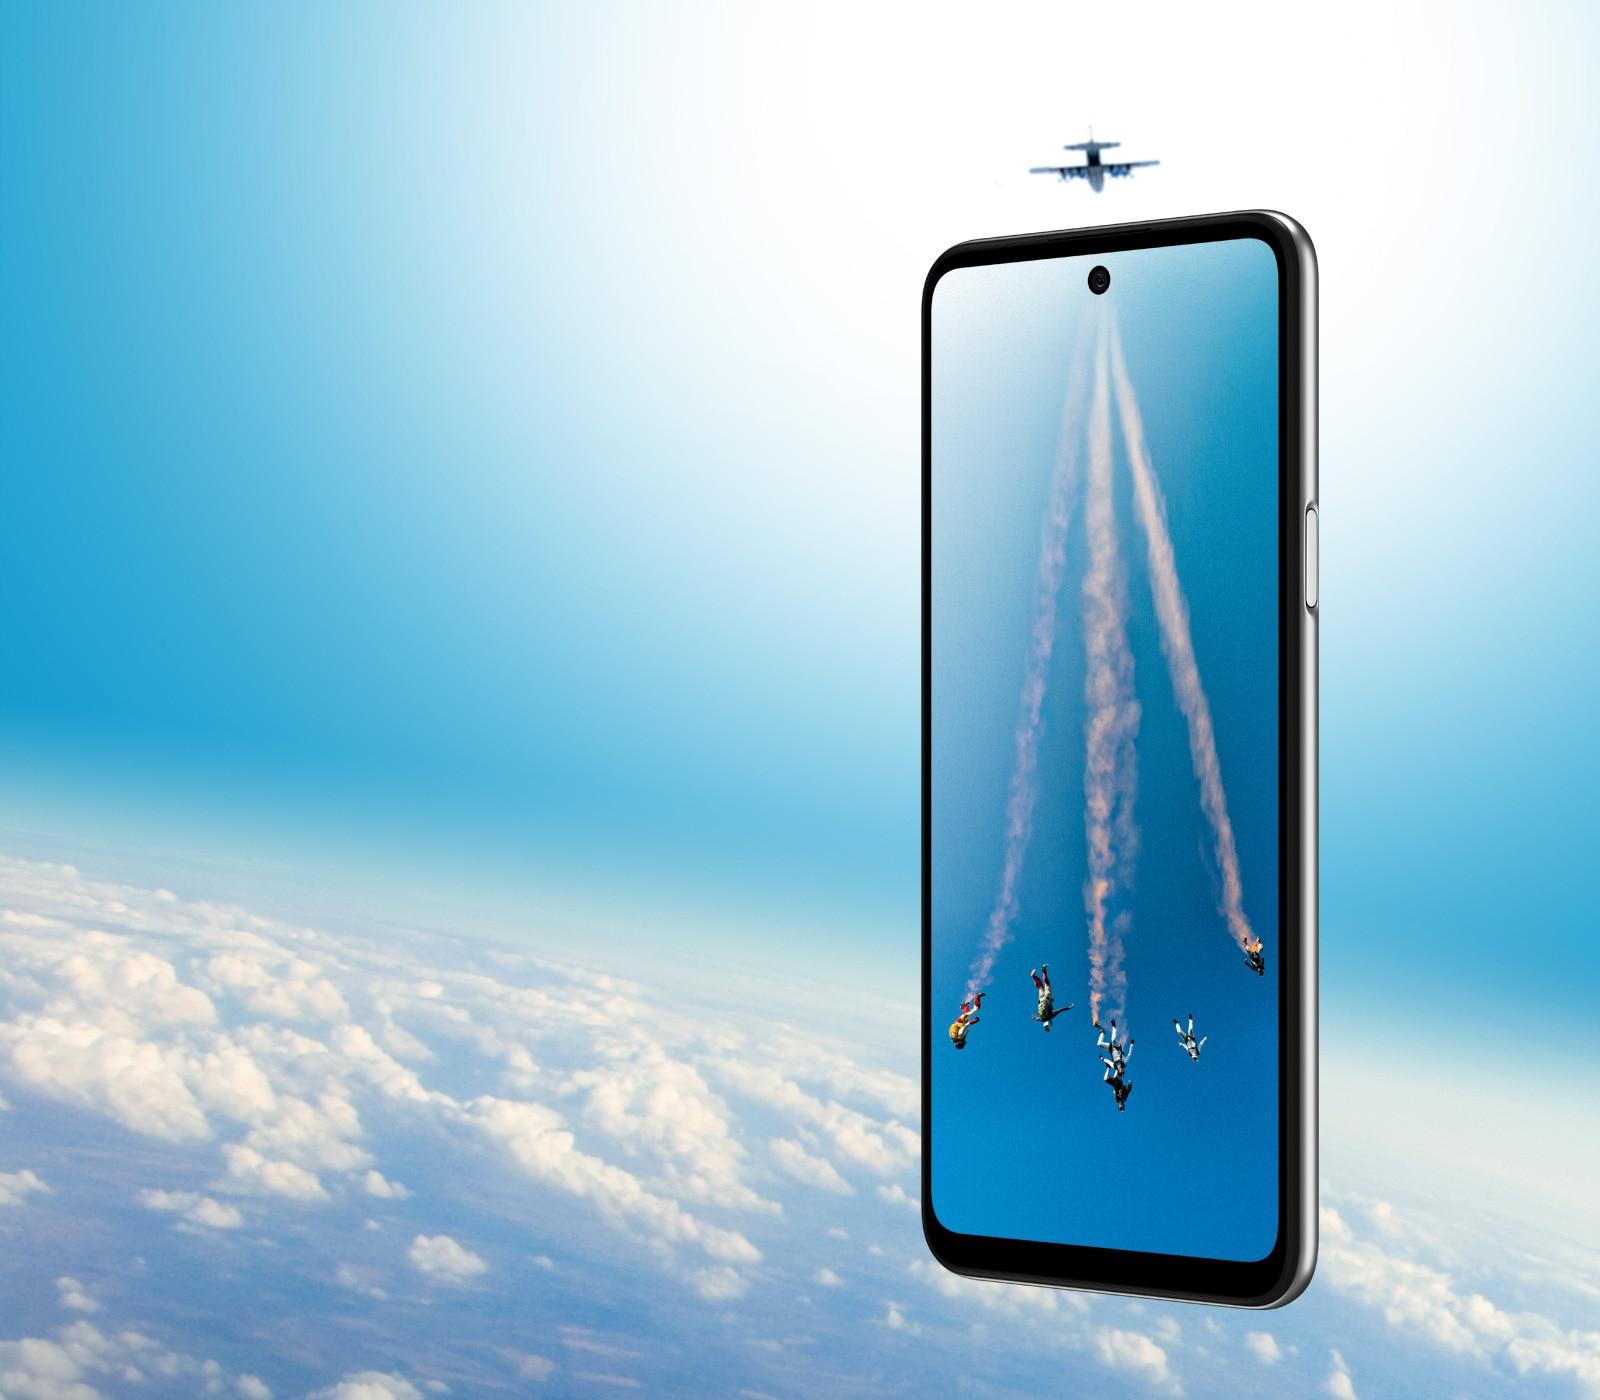 Smartphone on the sky.